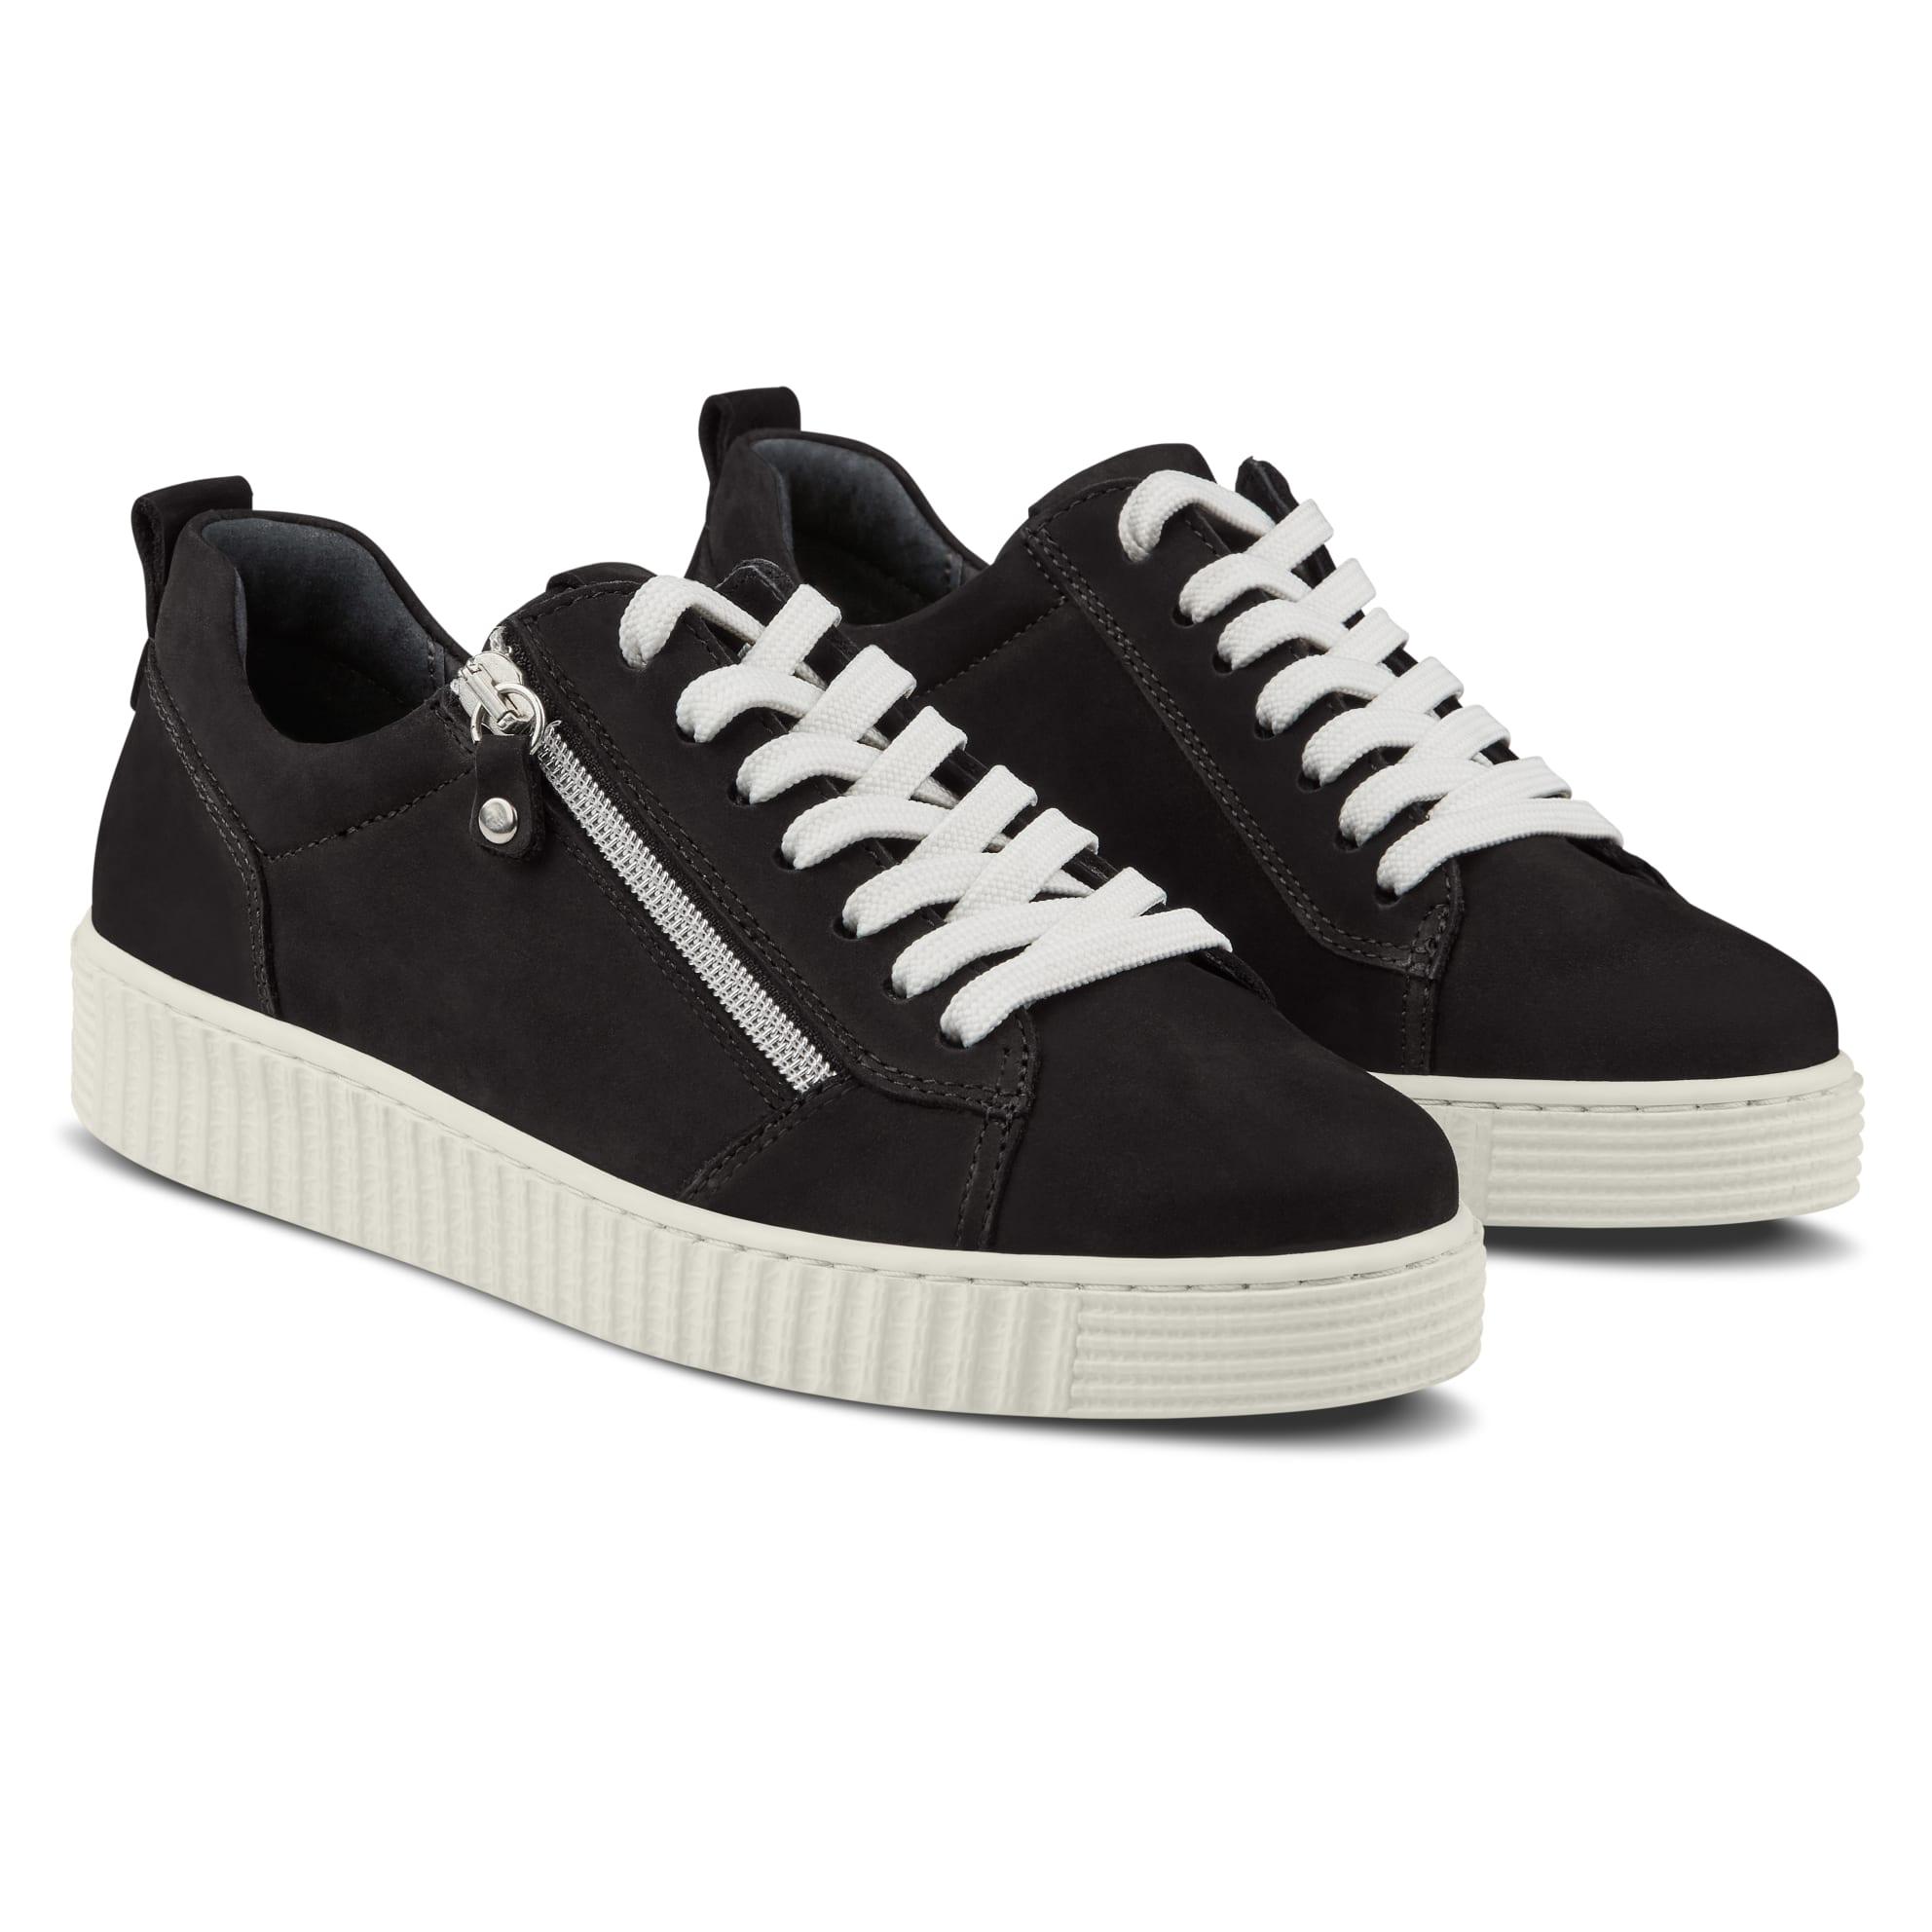 Sneaker Retro mit Zipper Schwarz – modischer und bequemer Schuh für Hallux valgus und empfindliche Füße von LaShoe.de